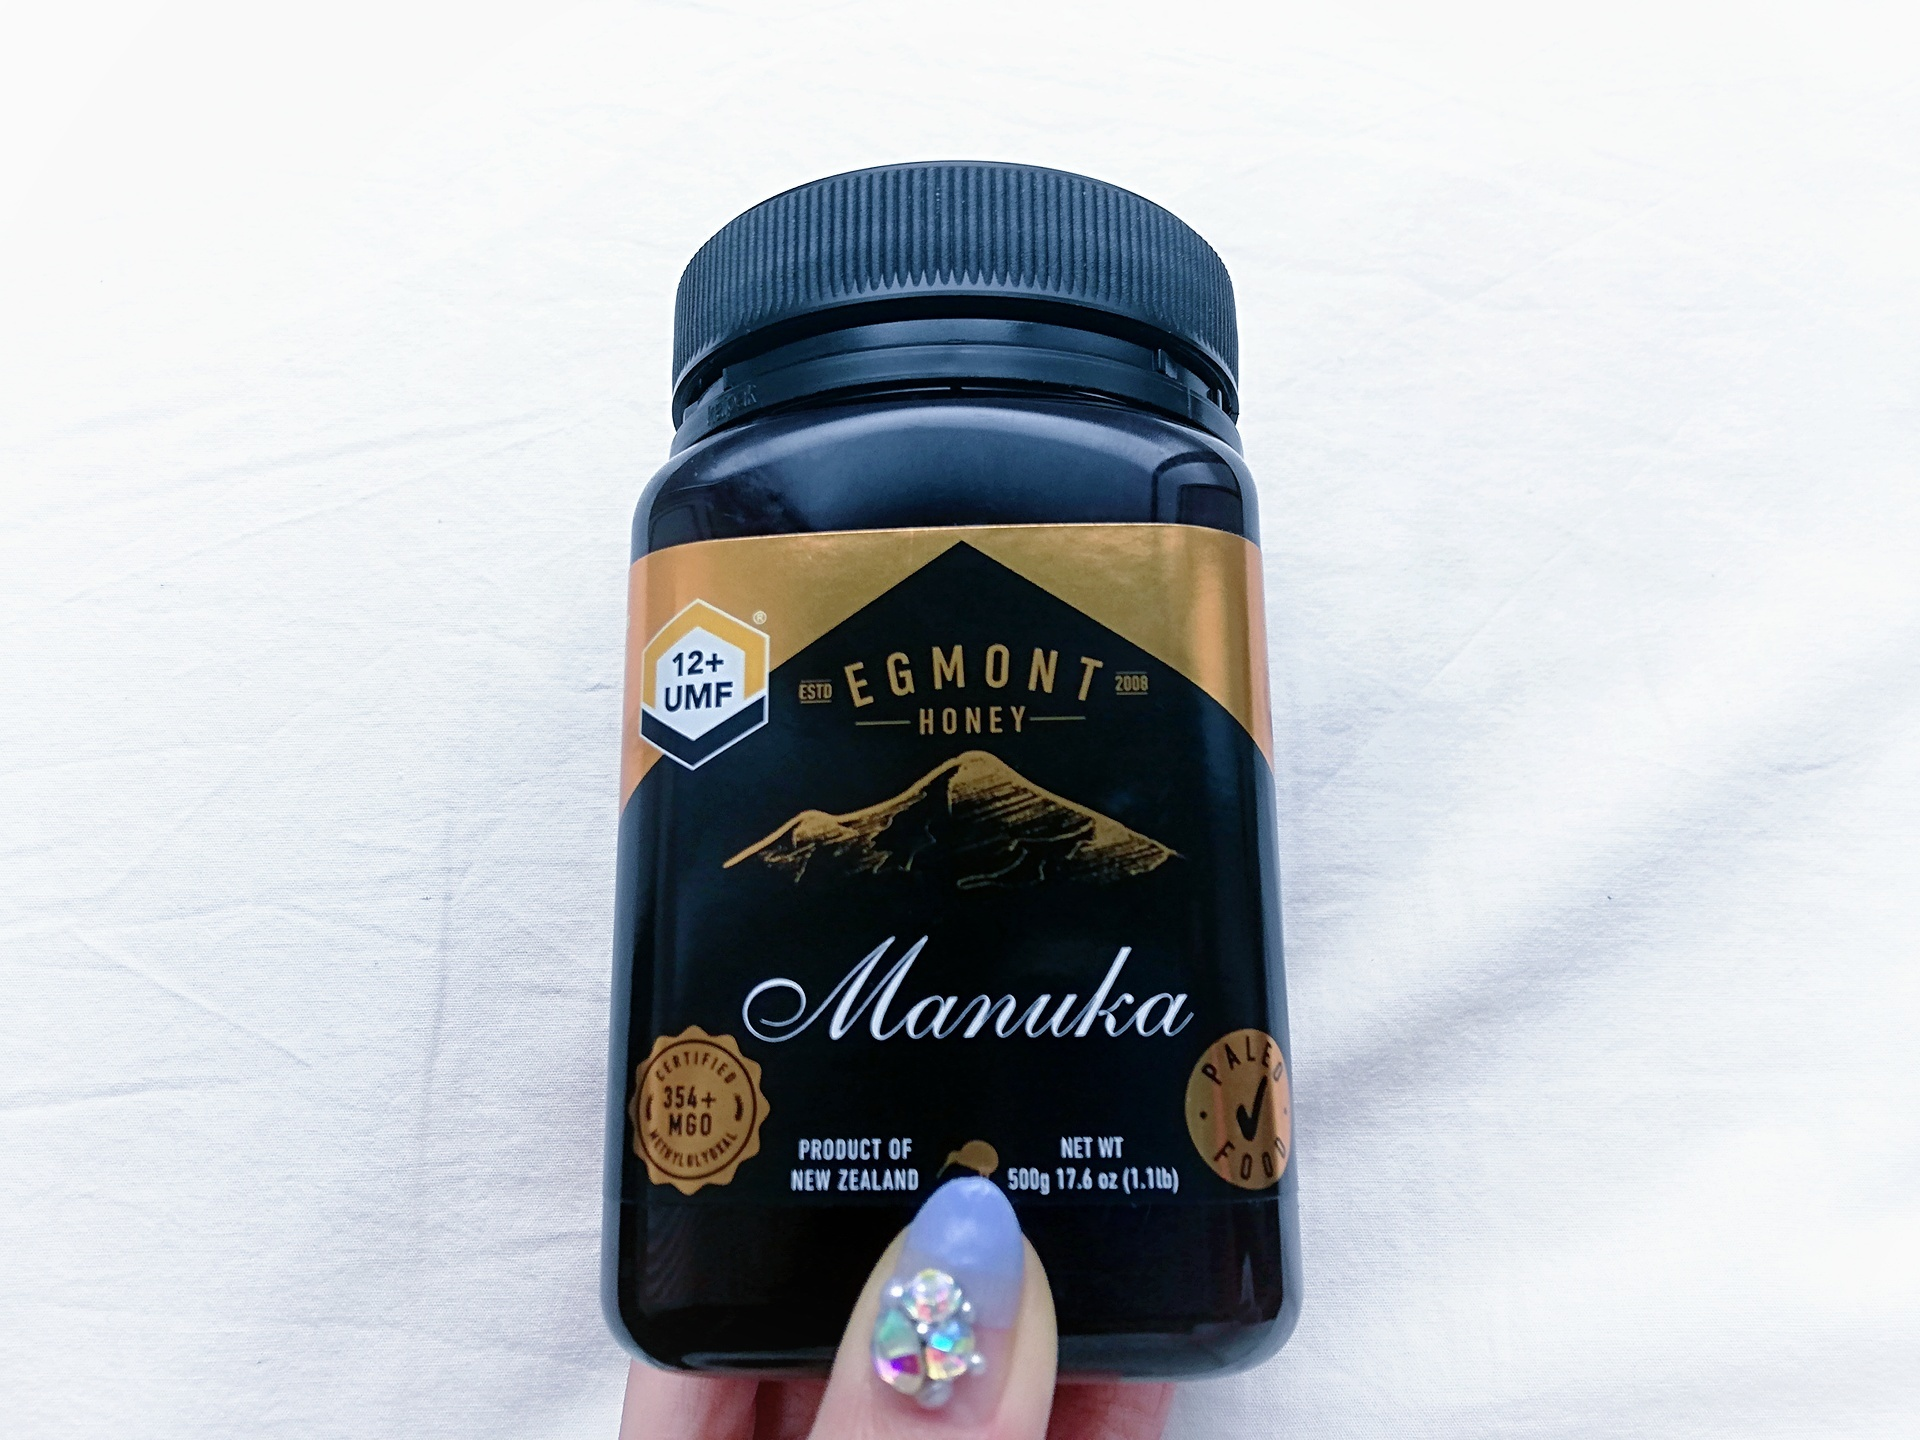 ナチュラルハニーが今こそ人類を救う!?マヌカハニー専門店【BeeMe】で本物の天然蜂蜜を選びましょう